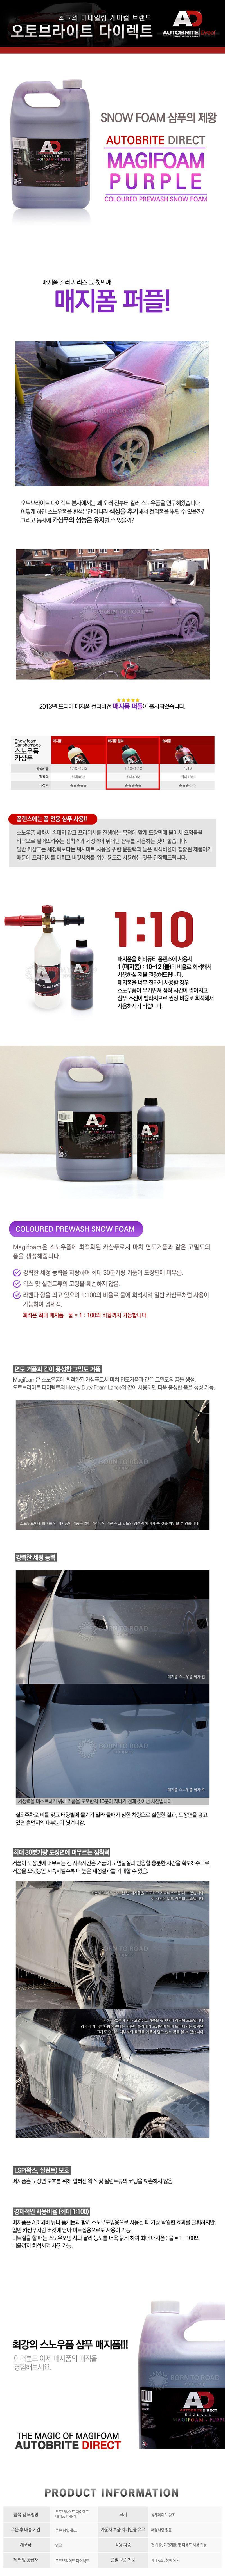 magifoam_purple4l_btr.jpg